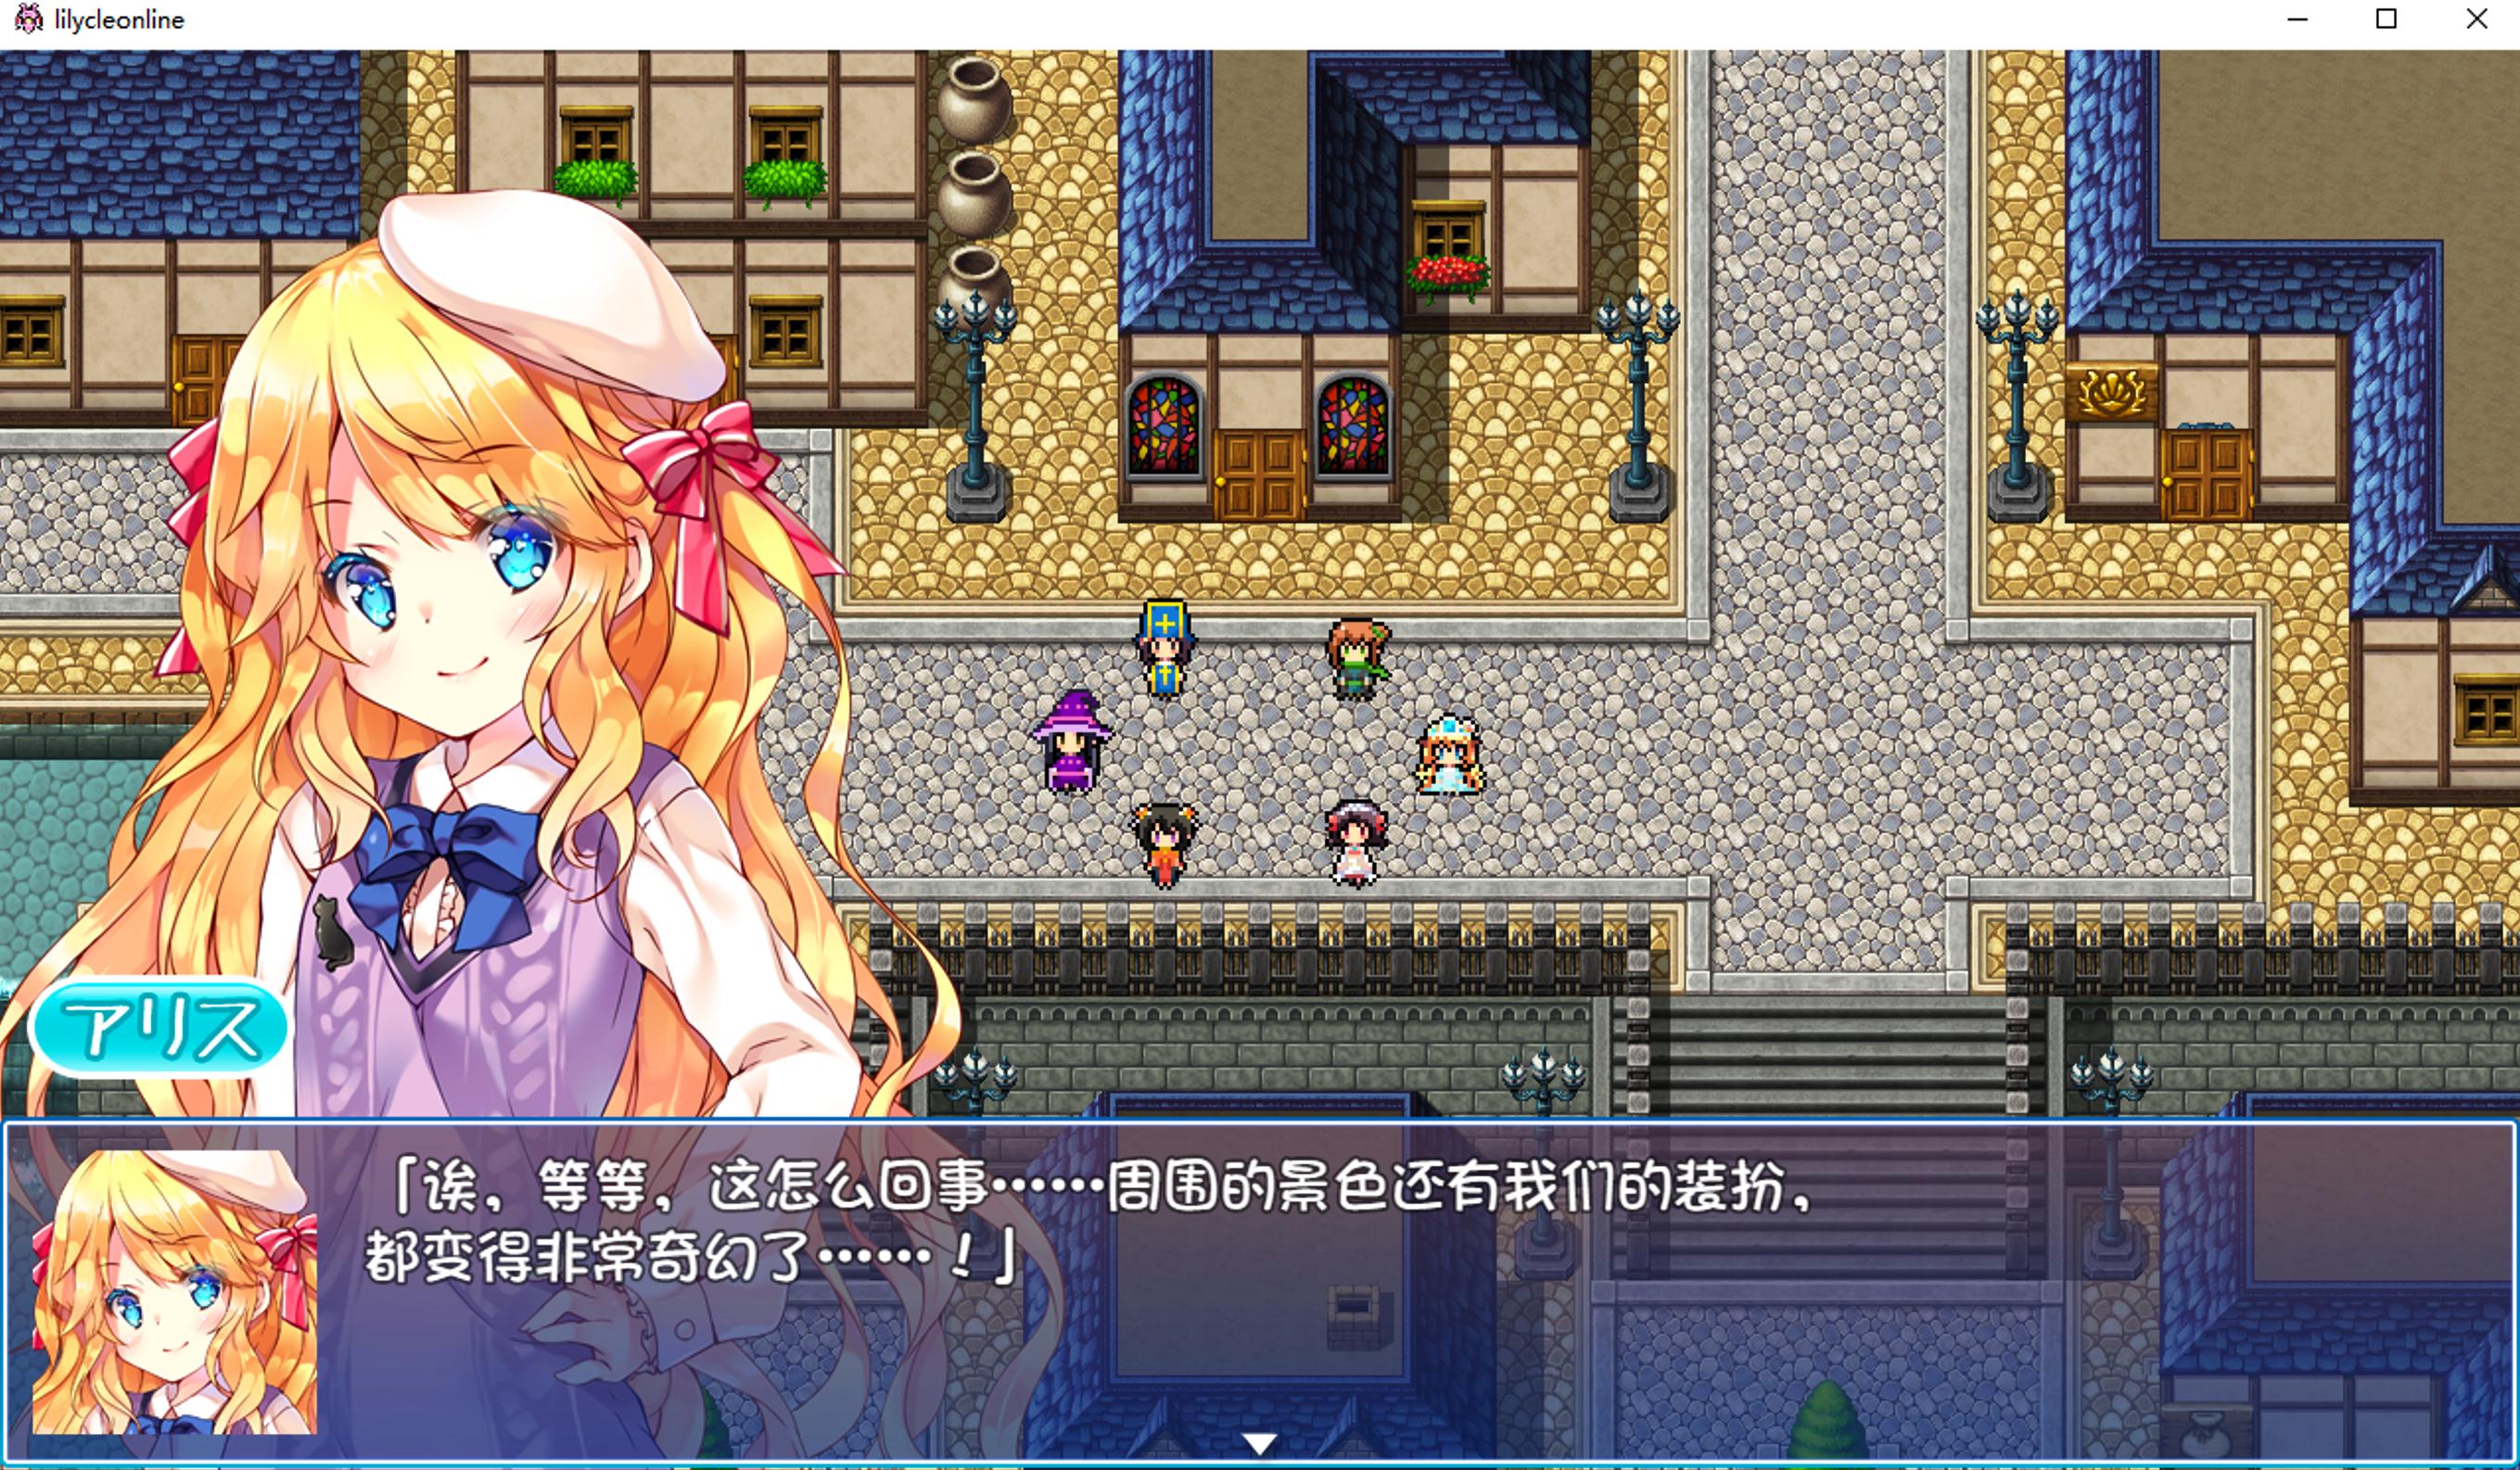 [RPG/汉化/百合]Lilycle彩虹舞台同人RPGlilycleonline汉化版[535MB] 5